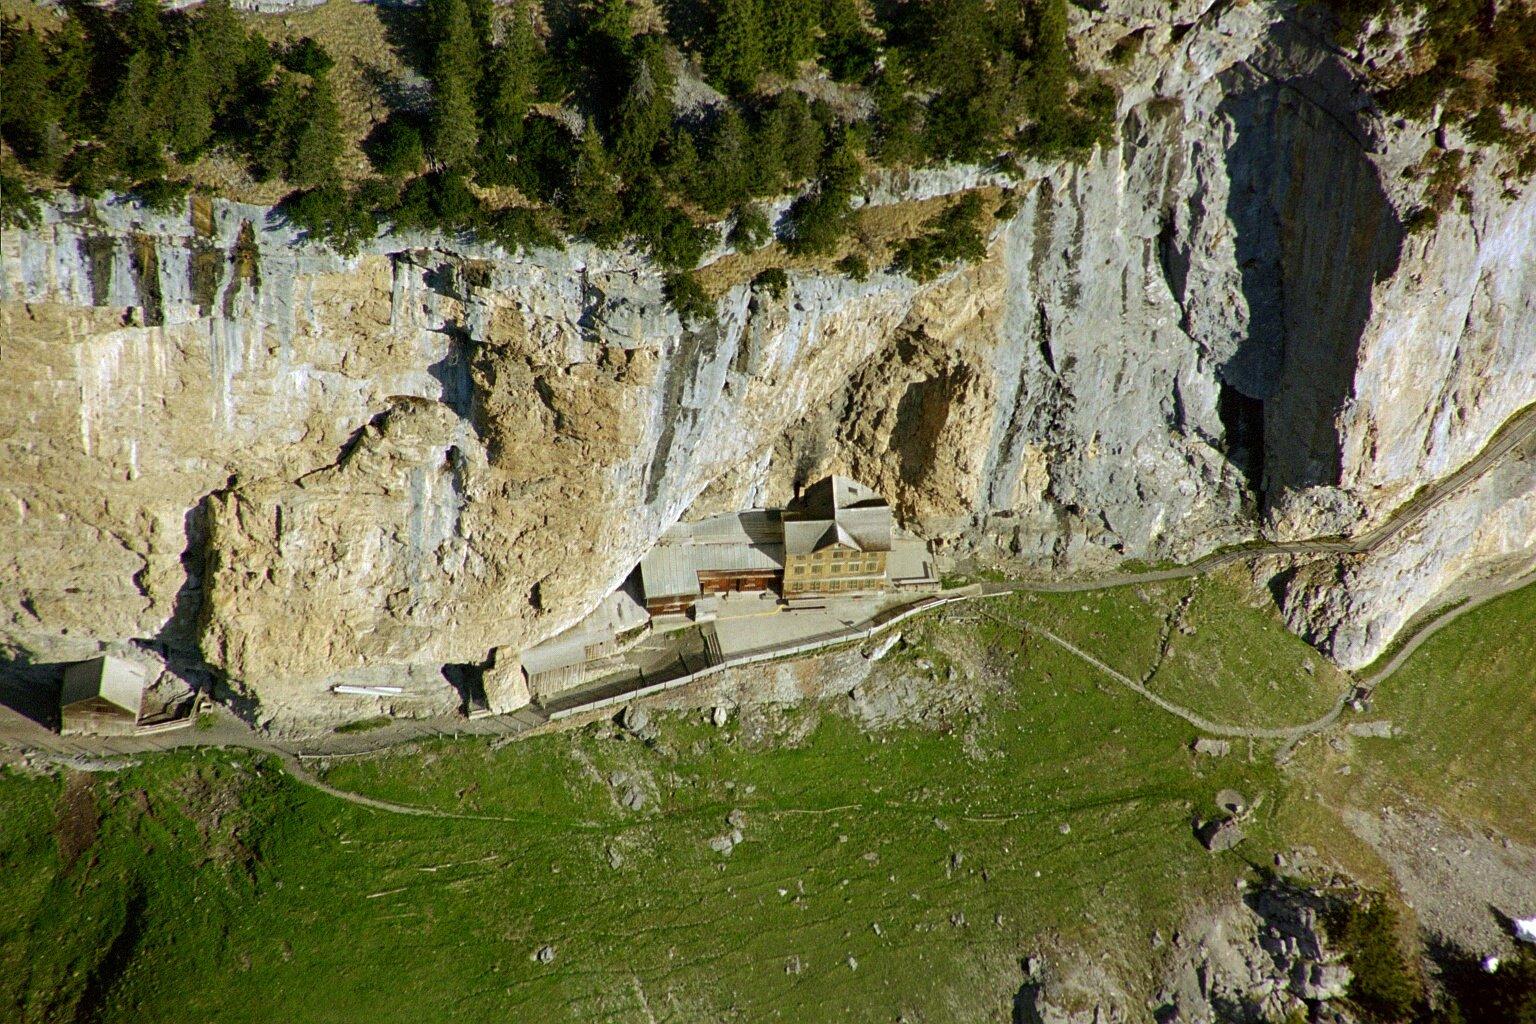 Letecký pohľad na alpský útes, pod ktorým je učupená horská chata Aescher.